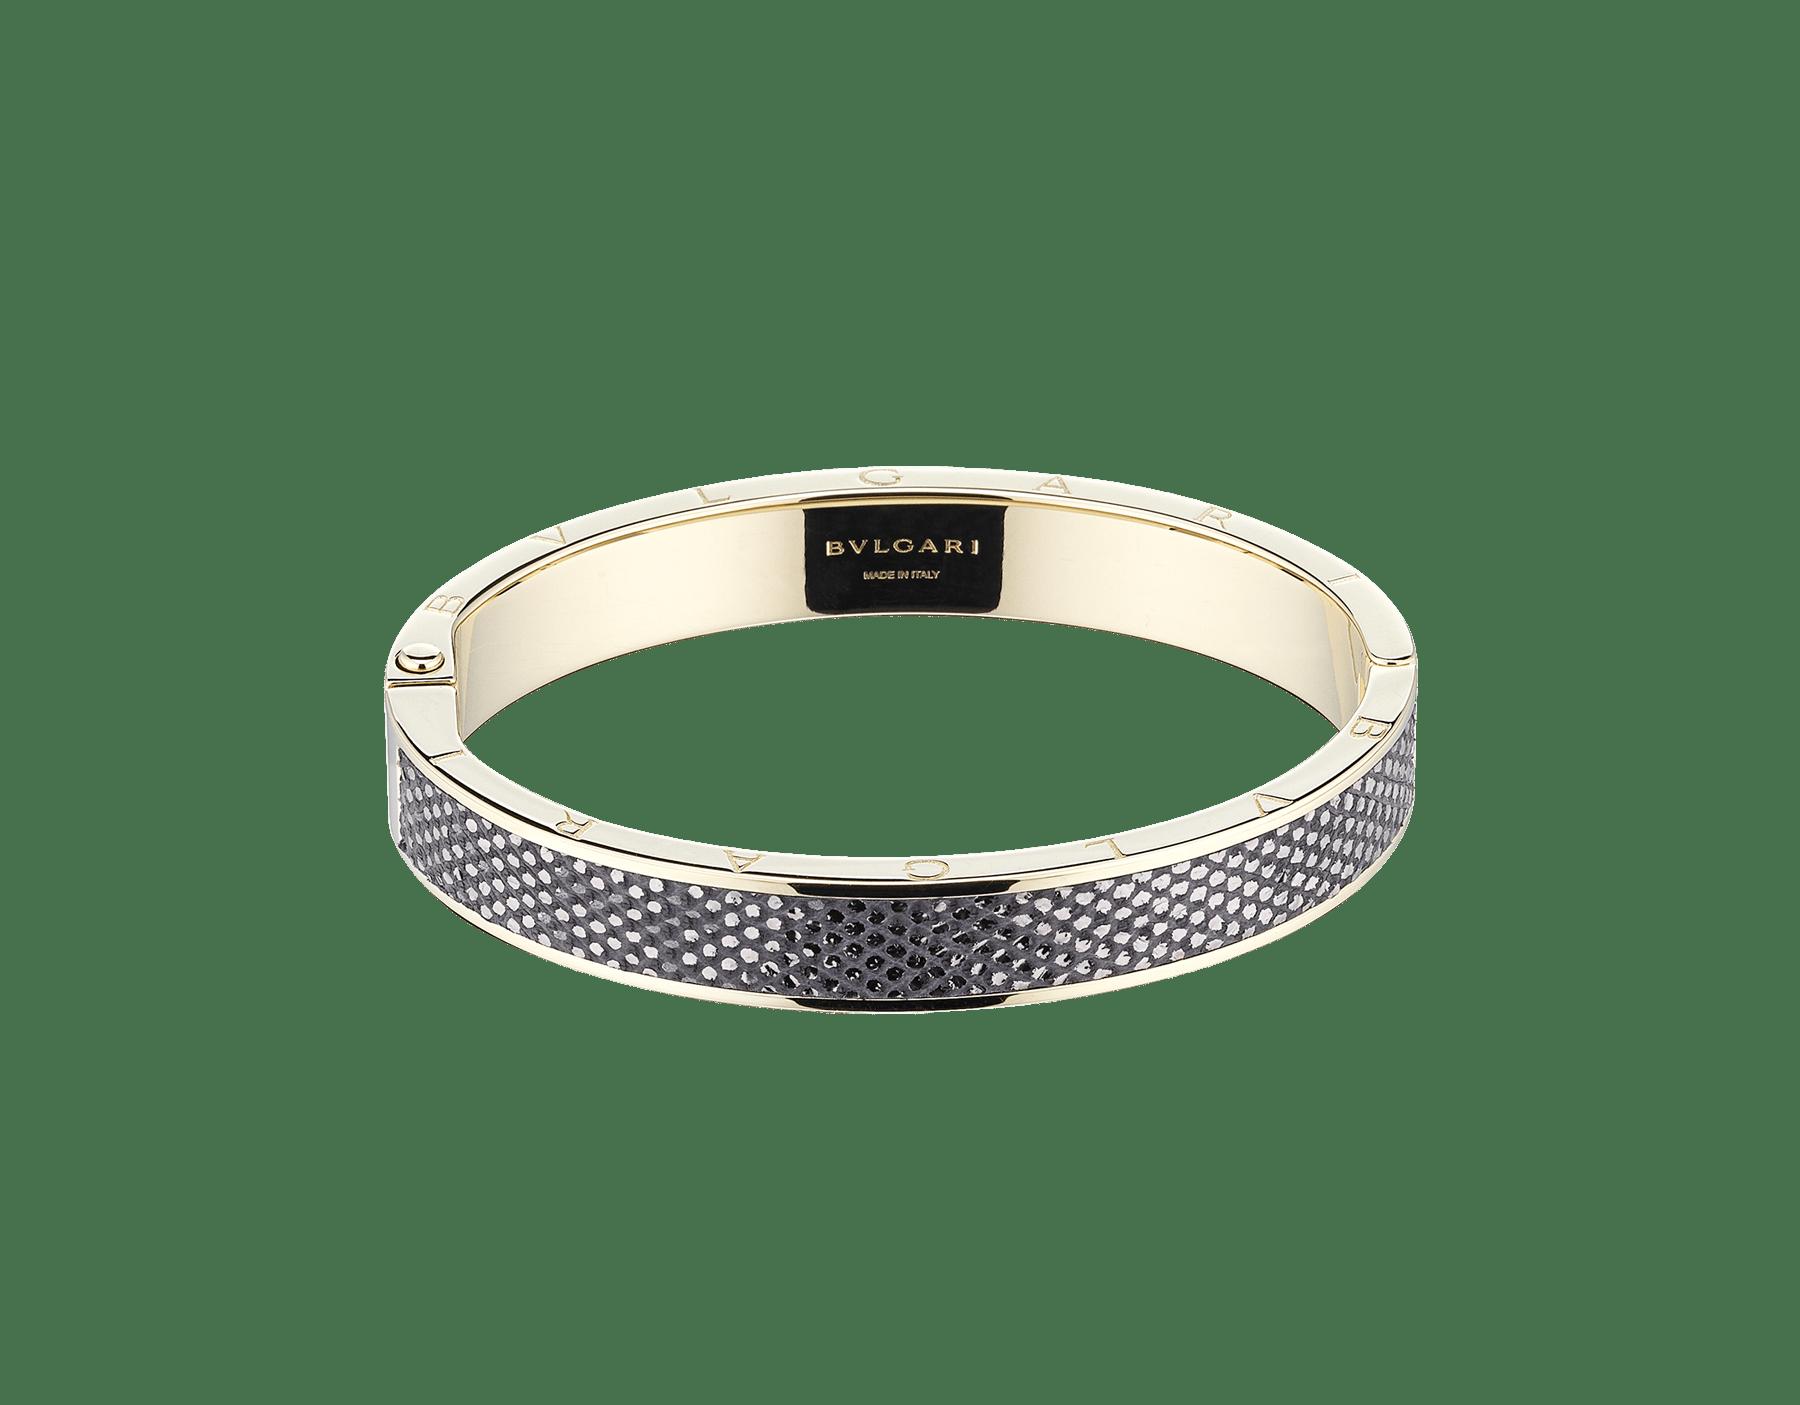 Bracelet jonc BVLGARI BVLGARI en laiton doré rehaussé d'un élément en karung métallisé couleur gris Charcoal Diamond ainsi que d'un fermoir à charnière orné du logo BVLGARI. Logo Bvlgari gravé des deux côtés et à l'intérieur. HINGELOGOBRACLT-MK-CD image 1